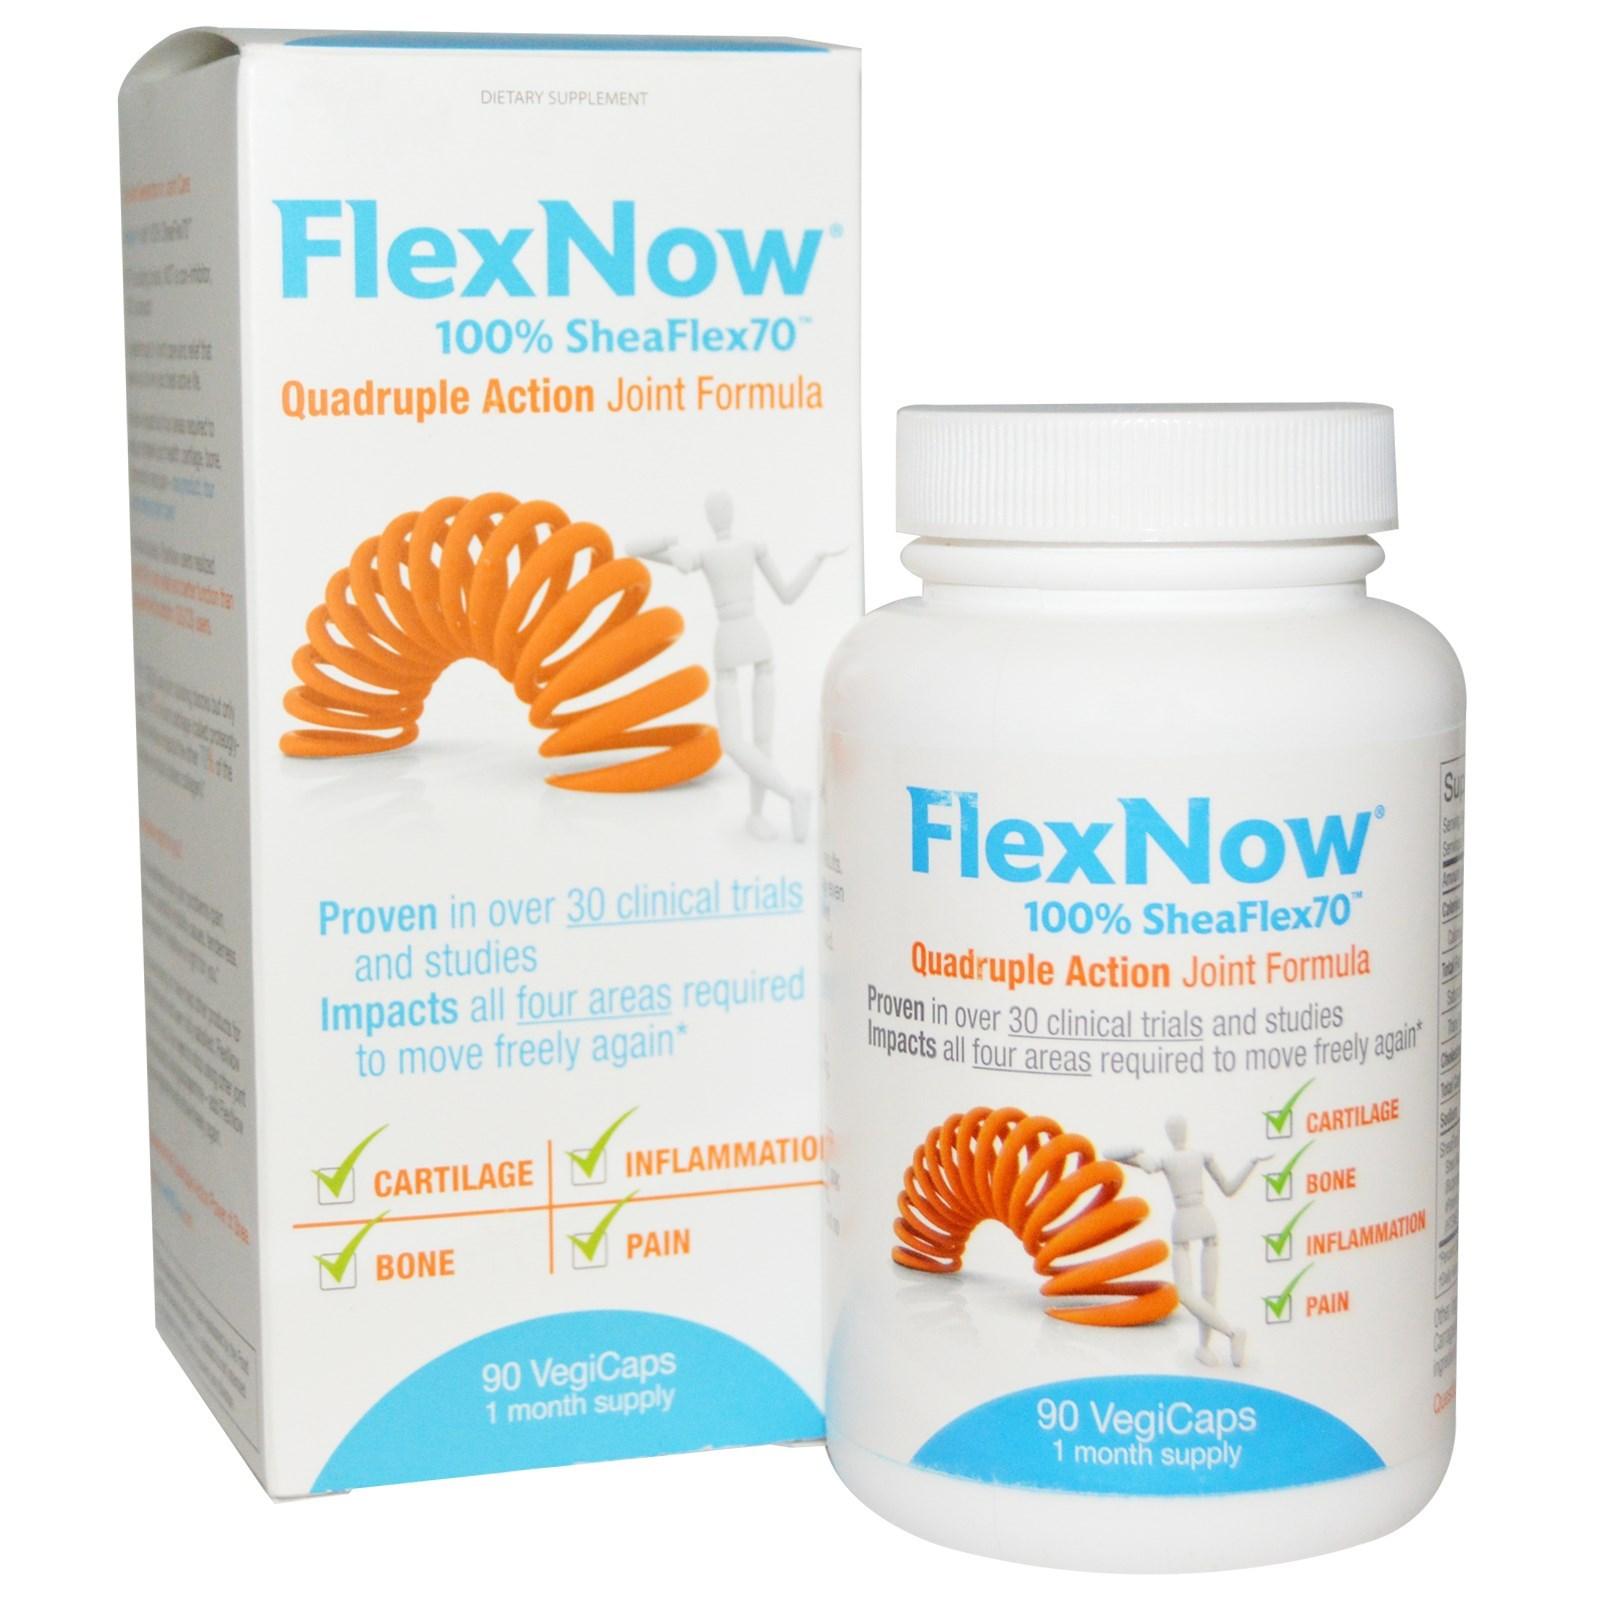 FlexNow Quadruple Action Joint Formula (90 Softgels)